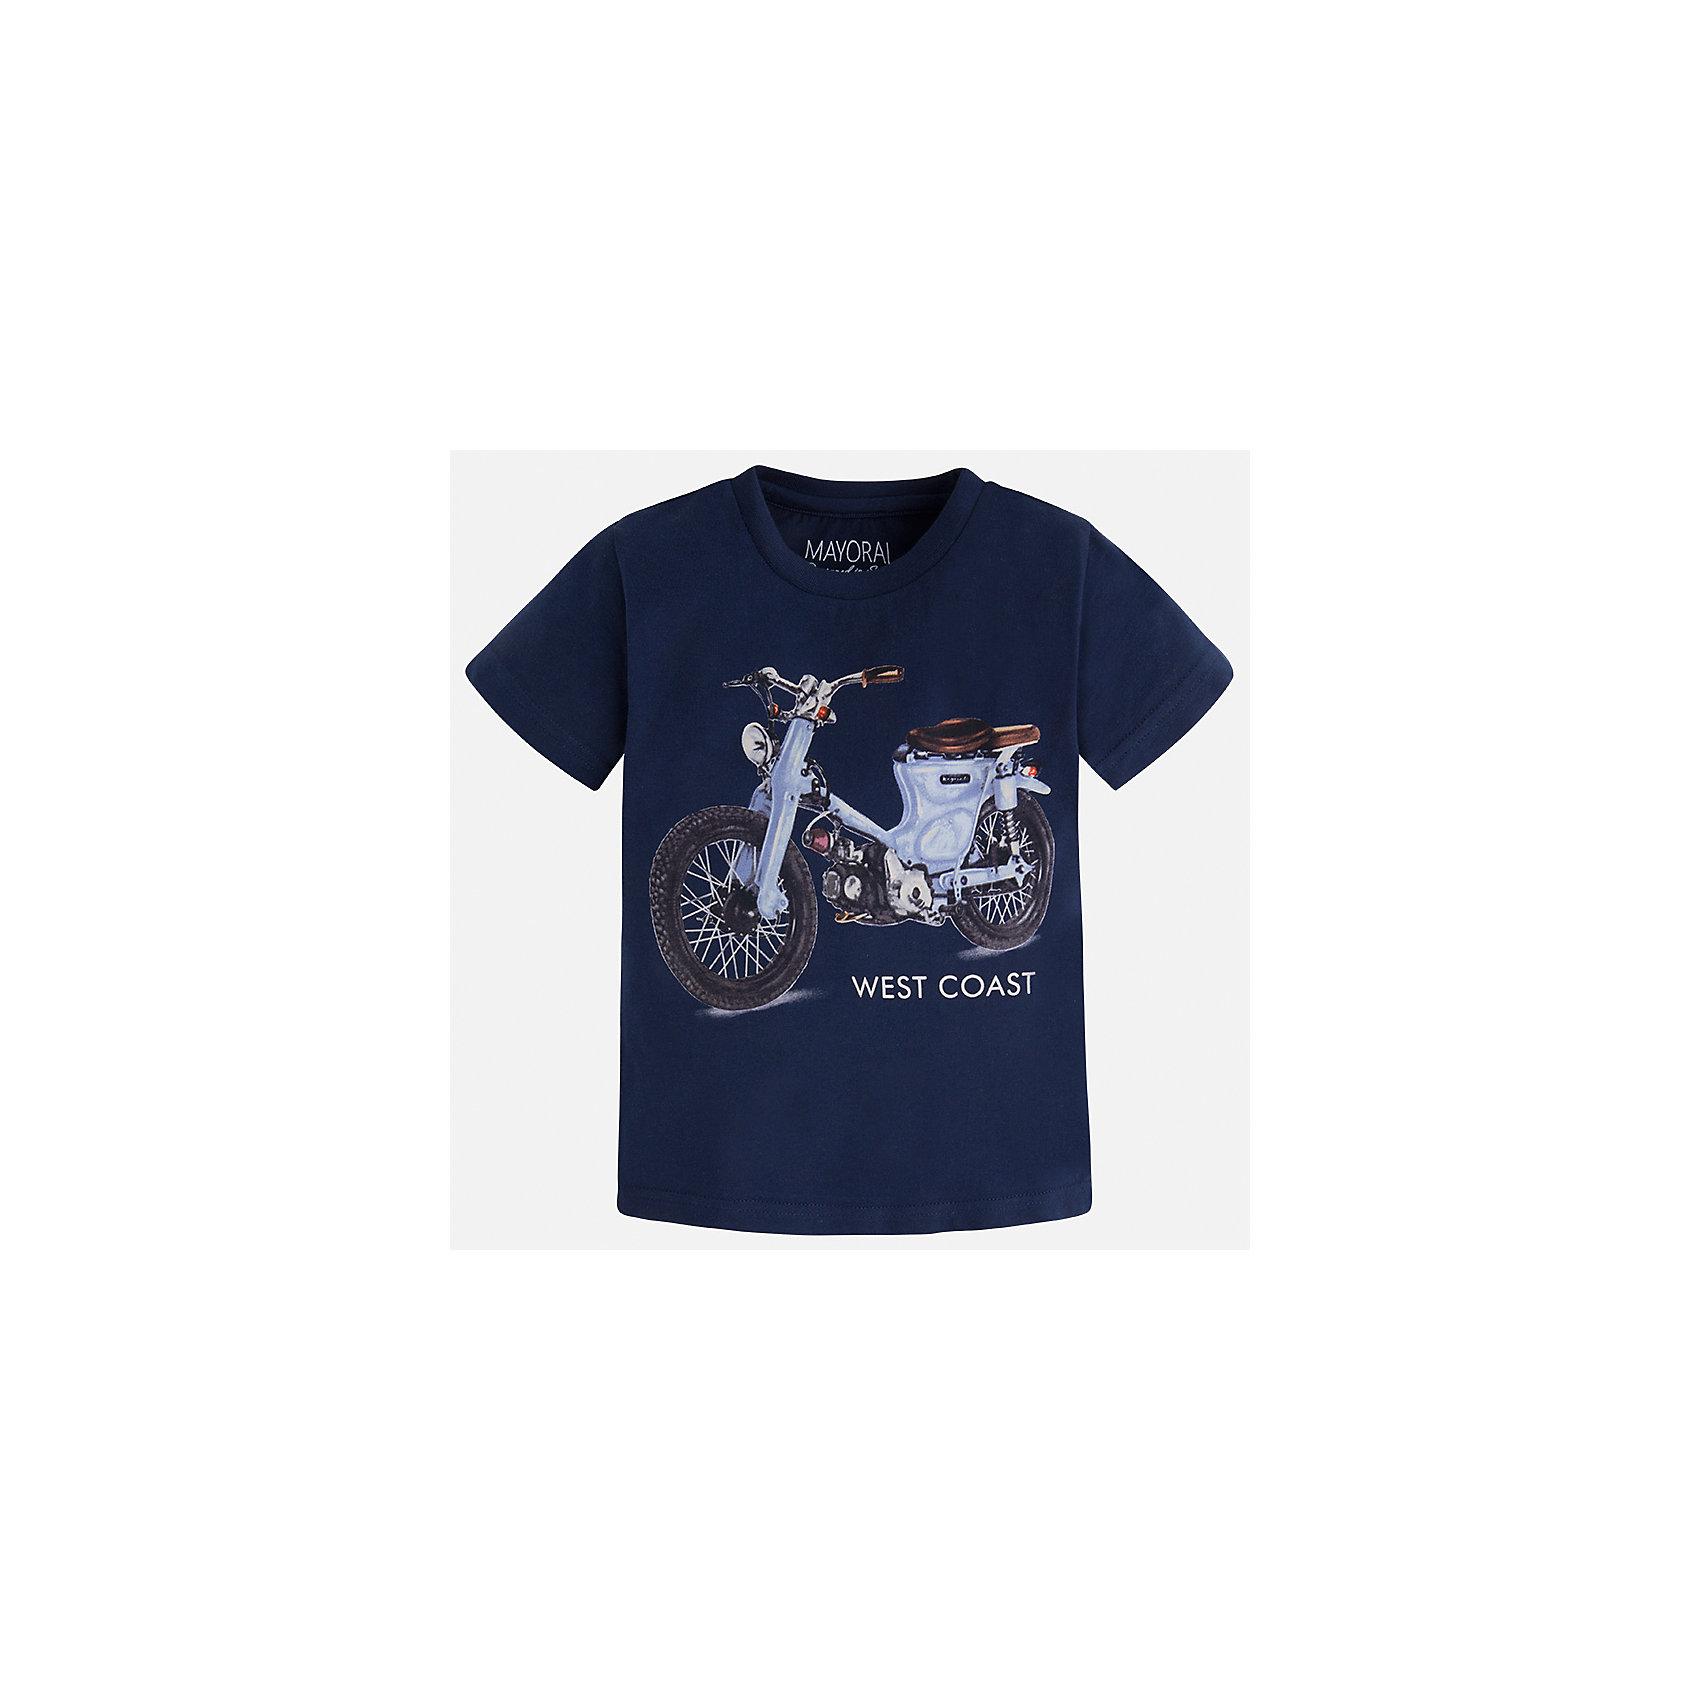 Футболка для мальчика MayoralФутболки, поло и топы<br>Характеристики товара:<br><br>• цвет: синий<br>• состав: 100% хлопок<br>• круглый горловой вырез<br>• декорирована принтом<br>• короткие рукава<br>• отделка горловины<br>• страна бренда: Испания<br><br>Стильная удобная футболка с принтом поможет разнообразить гардероб мальчика. Она отлично сочетается с брюками, шортами, джинсами. Универсальный крой и цвет позволяет подобрать к вещи низ разных расцветок. Практичное и стильное изделие! Хорошо смотрится и комфортно сидит на детях. В составе материала - только натуральный хлопок, гипоаллергенный, приятный на ощупь, дышащий. <br><br>Одежда, обувь и аксессуары от испанского бренда Mayoral полюбились детям и взрослым по всему миру. Модели этой марки - стильные и удобные. Для их производства используются только безопасные, качественные материалы и фурнитура. Порадуйте ребенка модными и красивыми вещами от Mayoral! <br><br>Футболку для мальчика от испанского бренда Mayoral (Майорал) можно купить в нашем интернет-магазине.<br><br>Ширина мм: 199<br>Глубина мм: 10<br>Высота мм: 161<br>Вес г: 151<br>Цвет: синий<br>Возраст от месяцев: 48<br>Возраст до месяцев: 60<br>Пол: Мужской<br>Возраст: Детский<br>Размер: 92,128,134,98,104,110,116,122<br>SKU: 5280035